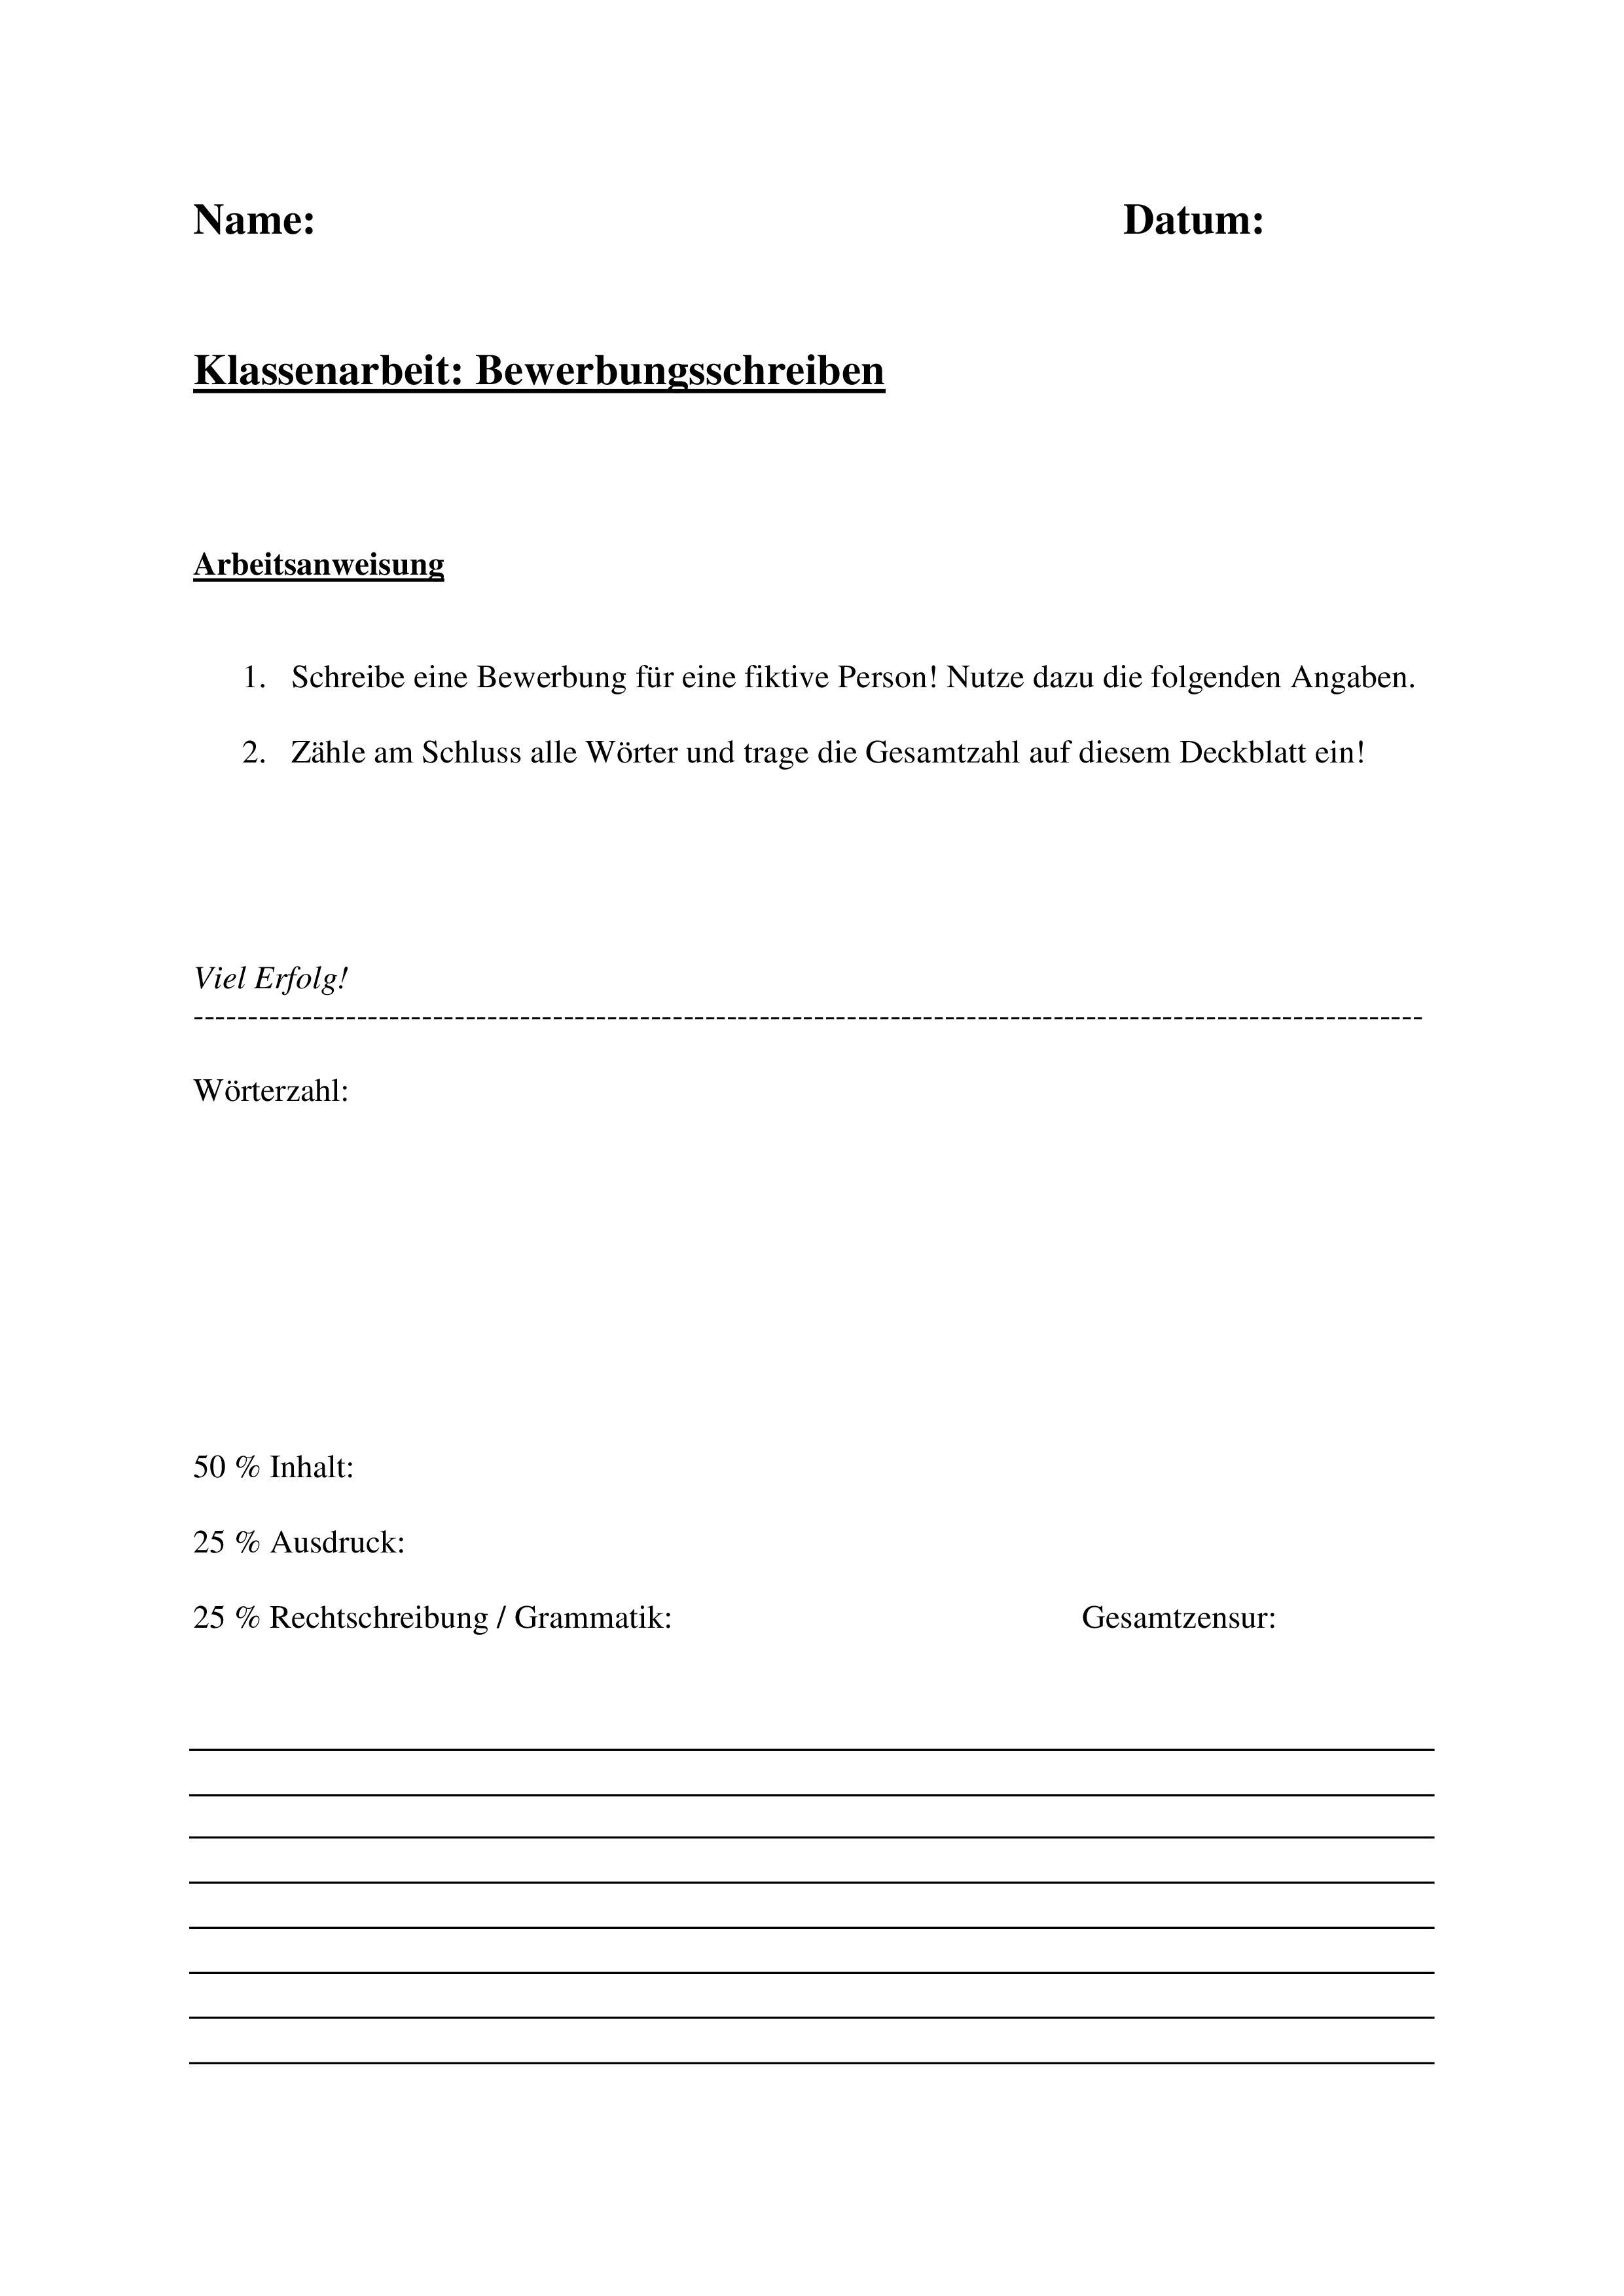 Klassenarbeit Bewerbung Einer Fiktiven Person Anschreiben Unterrichtsmaterial In Den Fachern Arbeitslehre Deutsch Klassenarbeiten Anschreiben Bewerbung